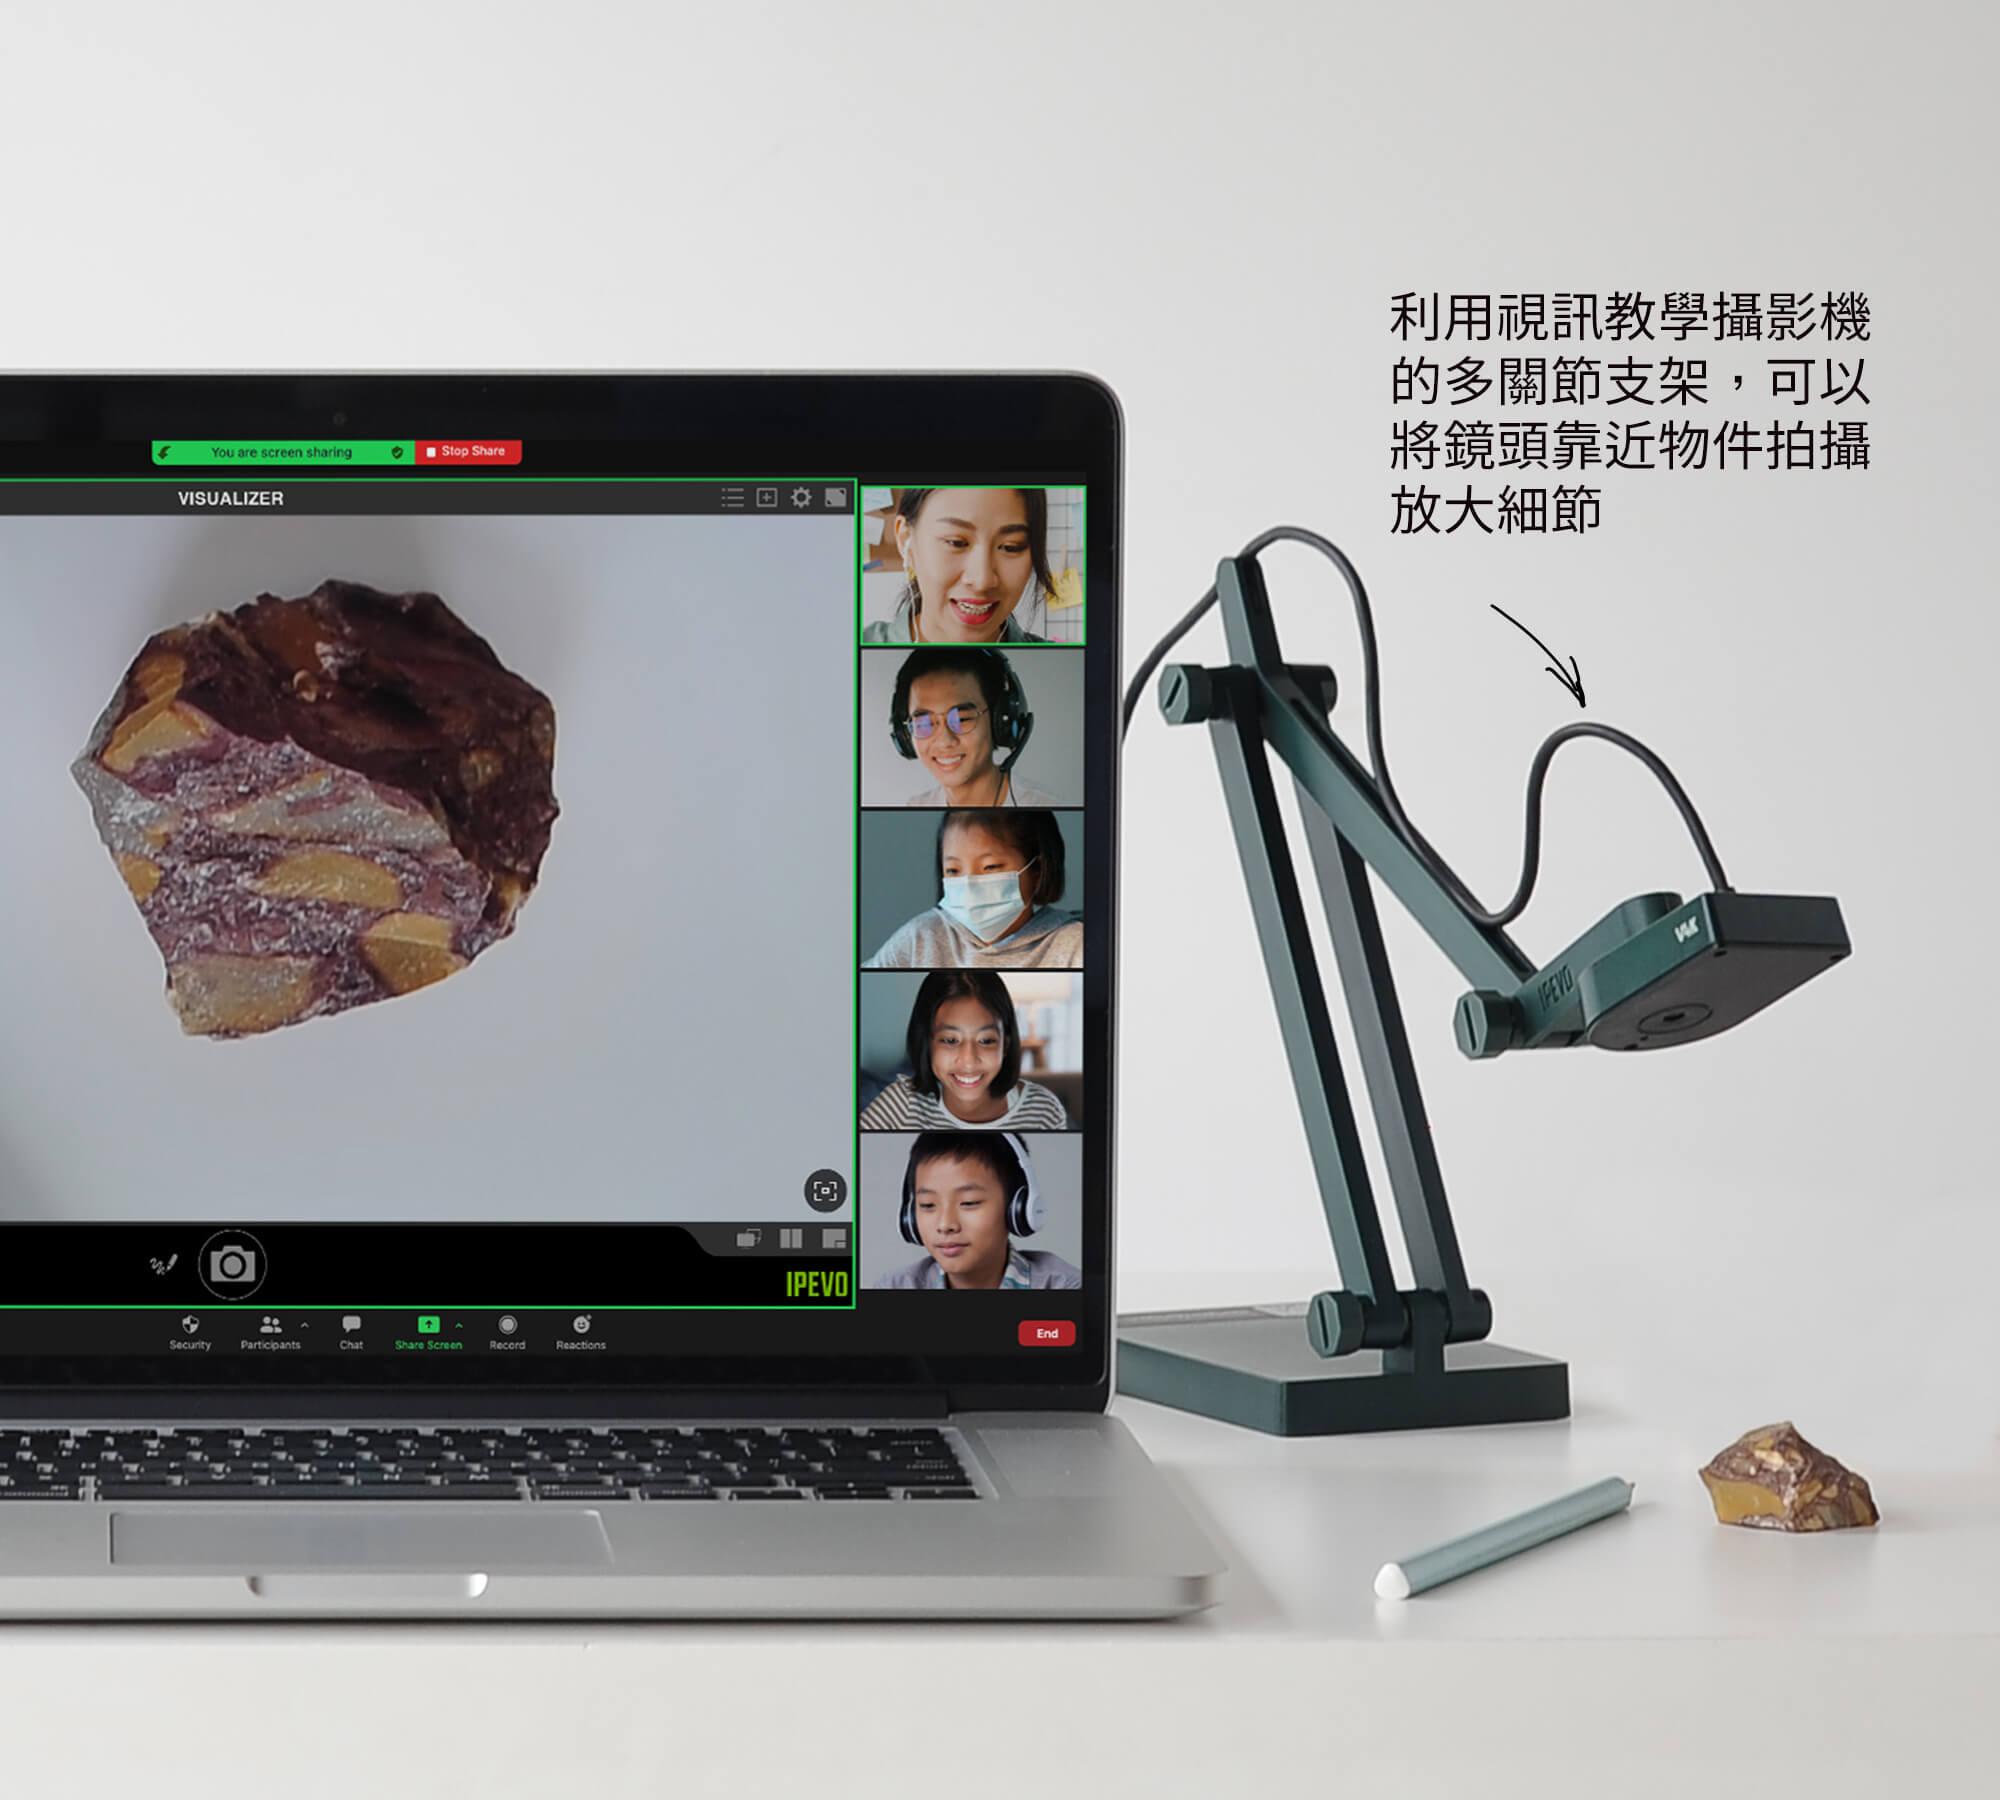 利用視訊教學攝影機的多關節支架,可以將鏡頭靠近物件拍攝放大細節